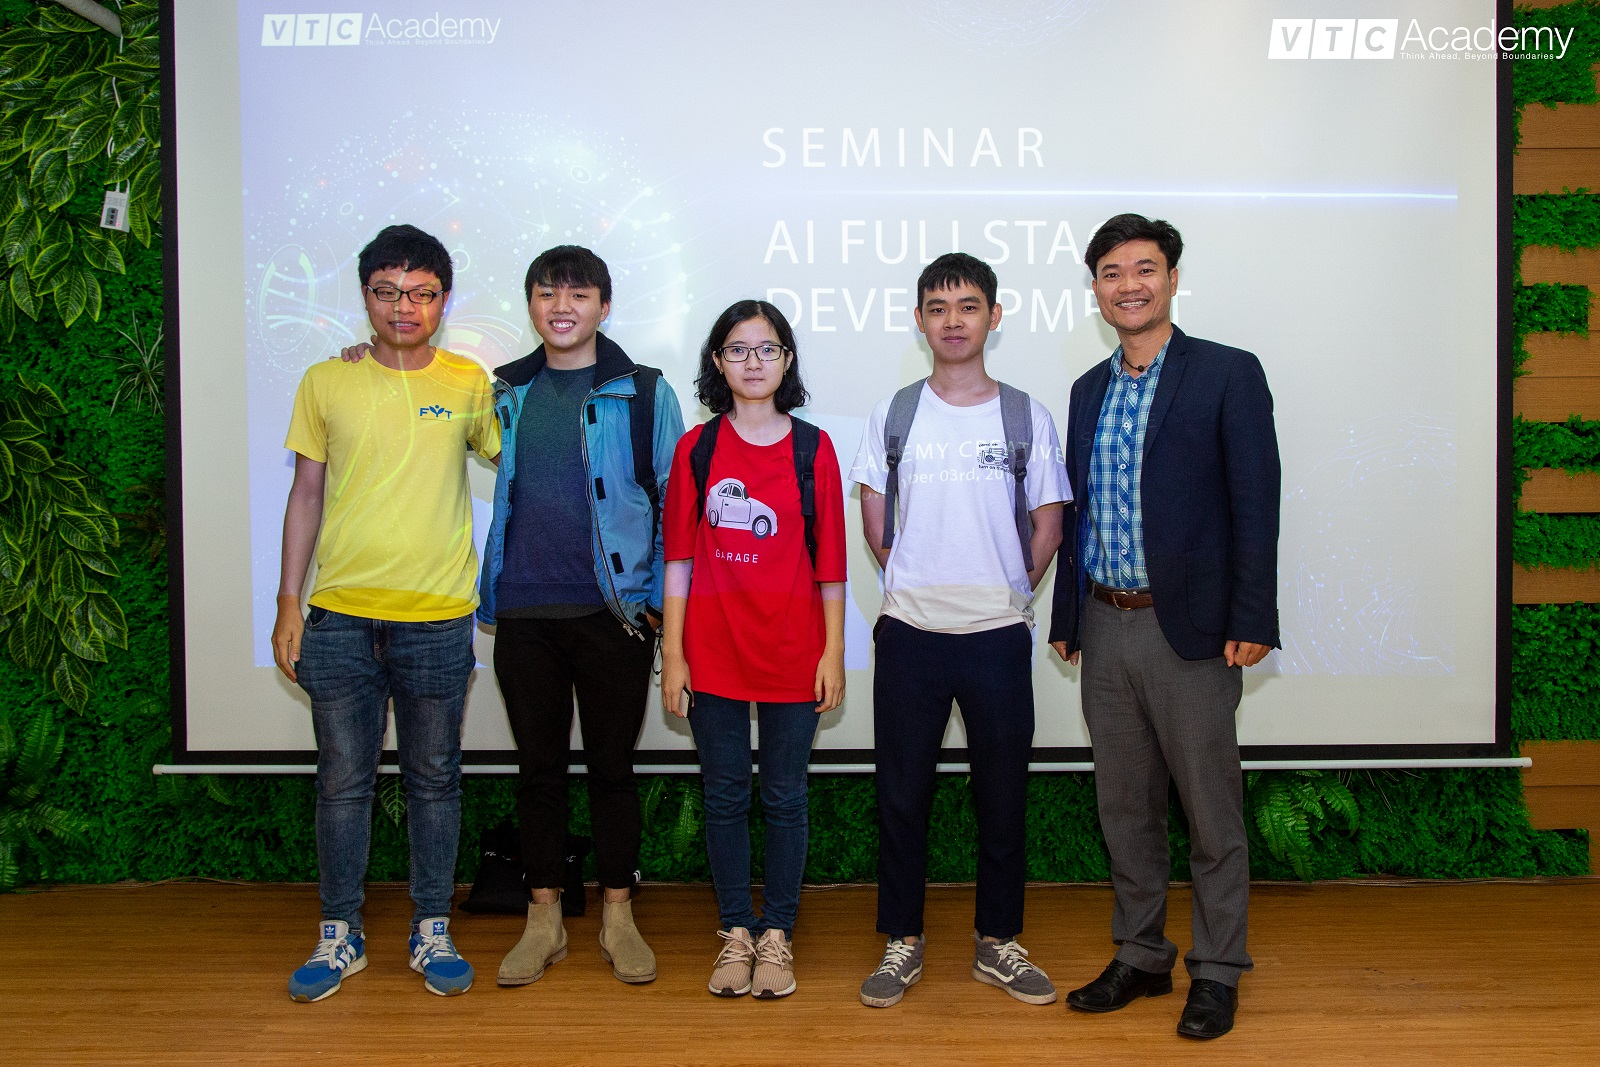 """VTC Academy tổ chức hội thảo """"AI Full-stack Development"""" tại Hà Nội"""